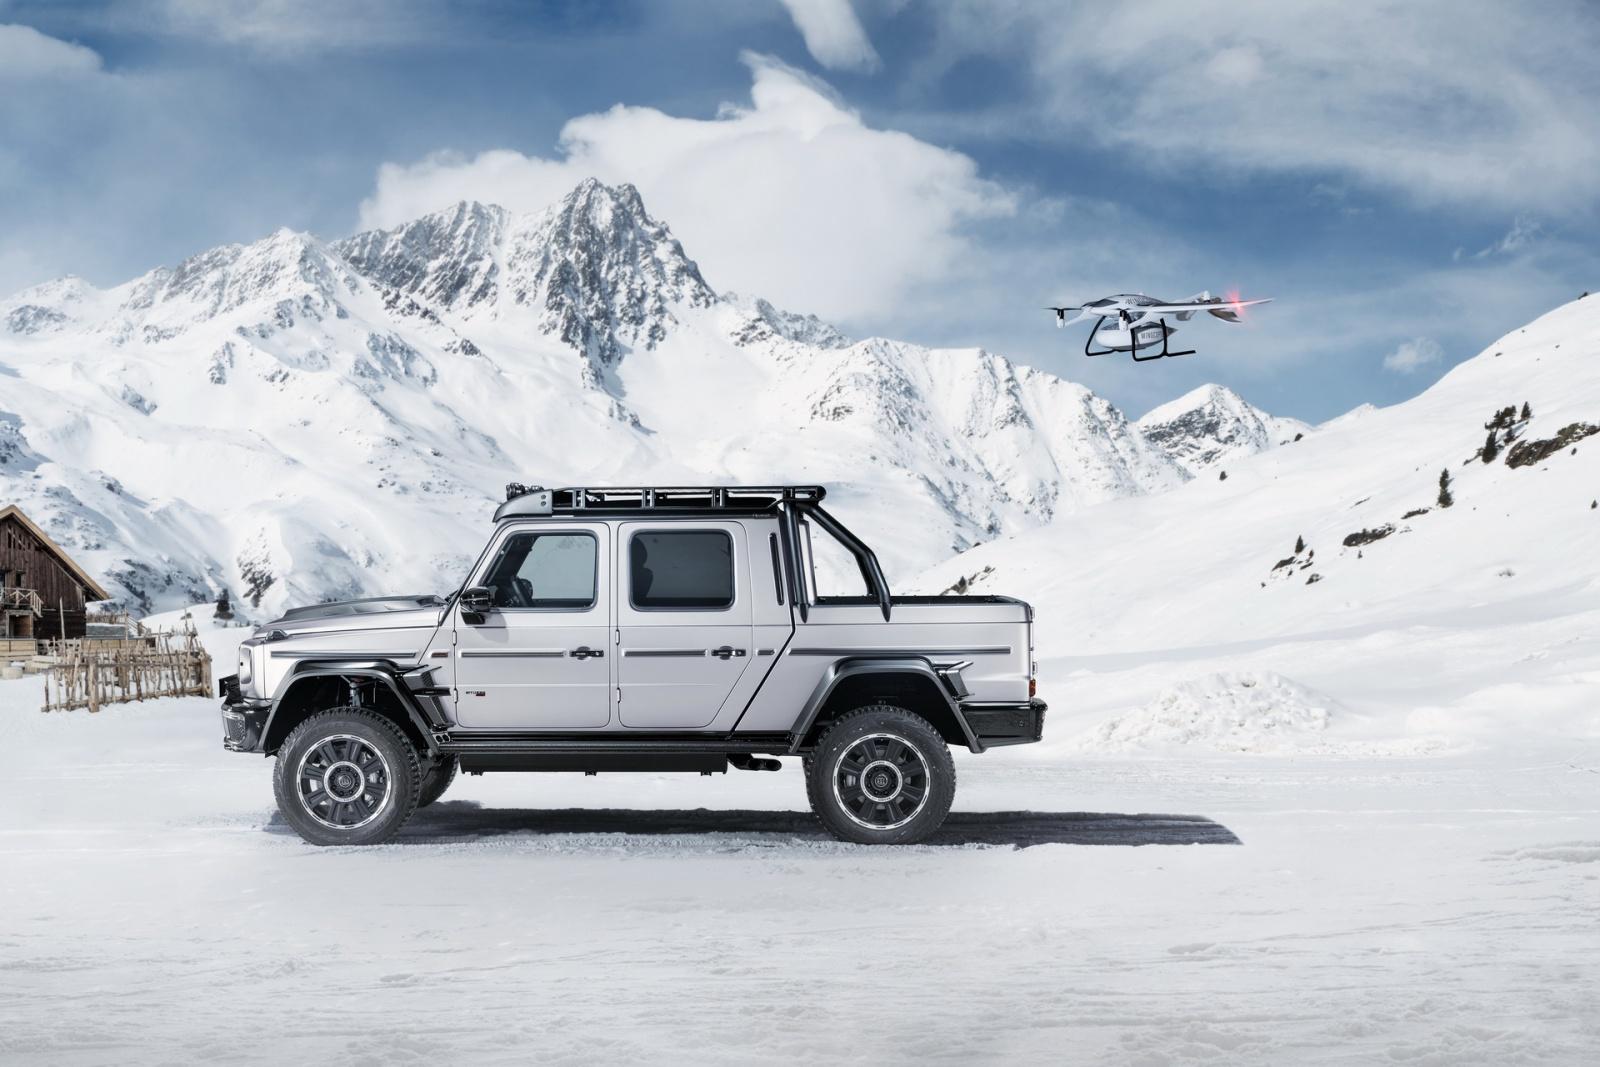 Название: Brabus-800-Adventure-XLP-03.jpg Просмотров: 627  Размер: 411.0 Кб